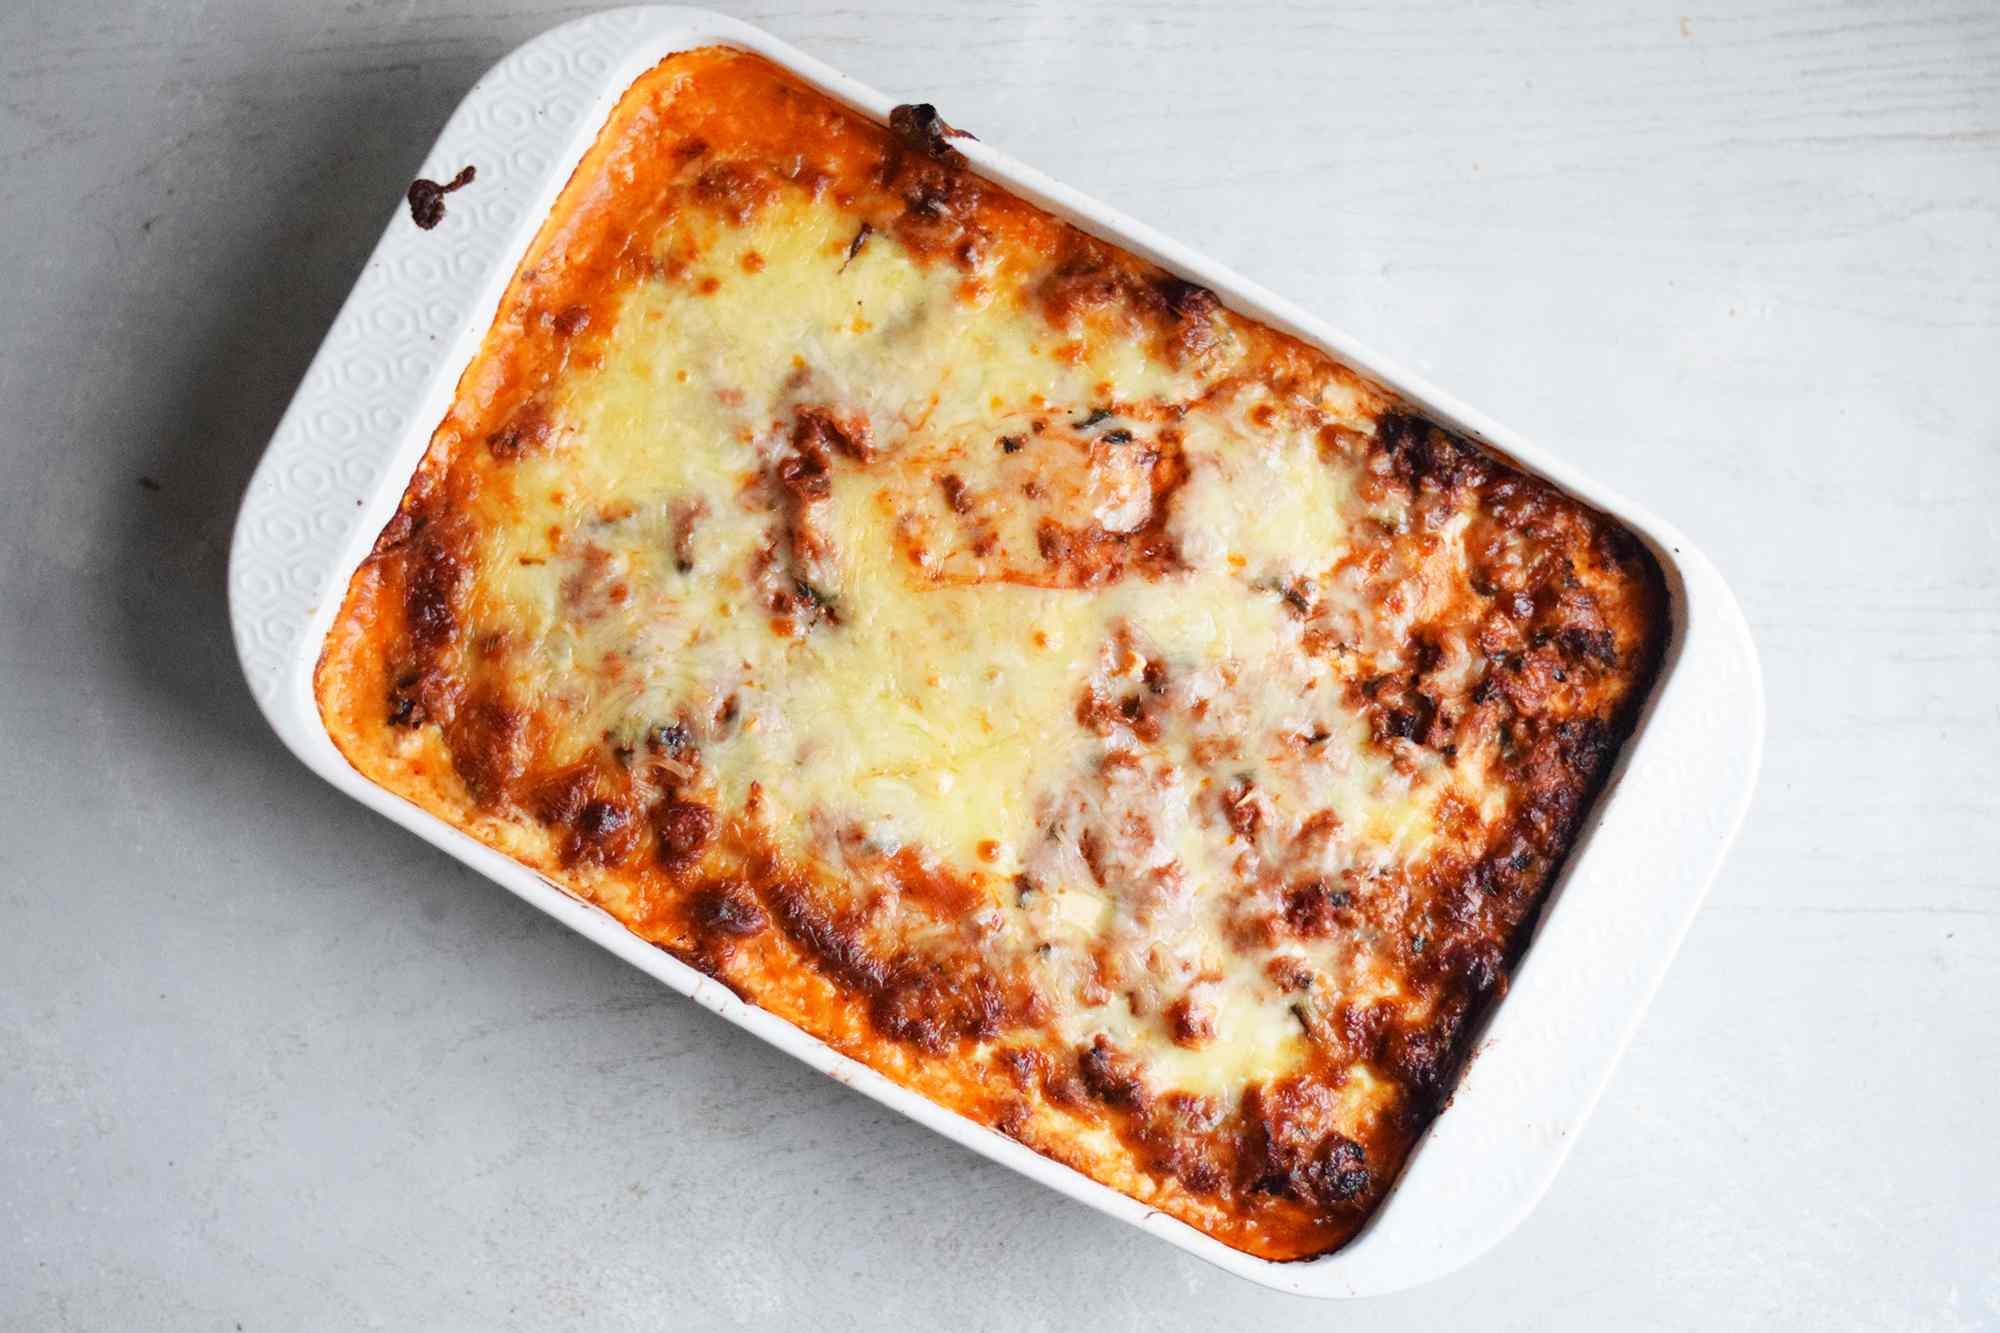 keto-lasagna-4777330-17